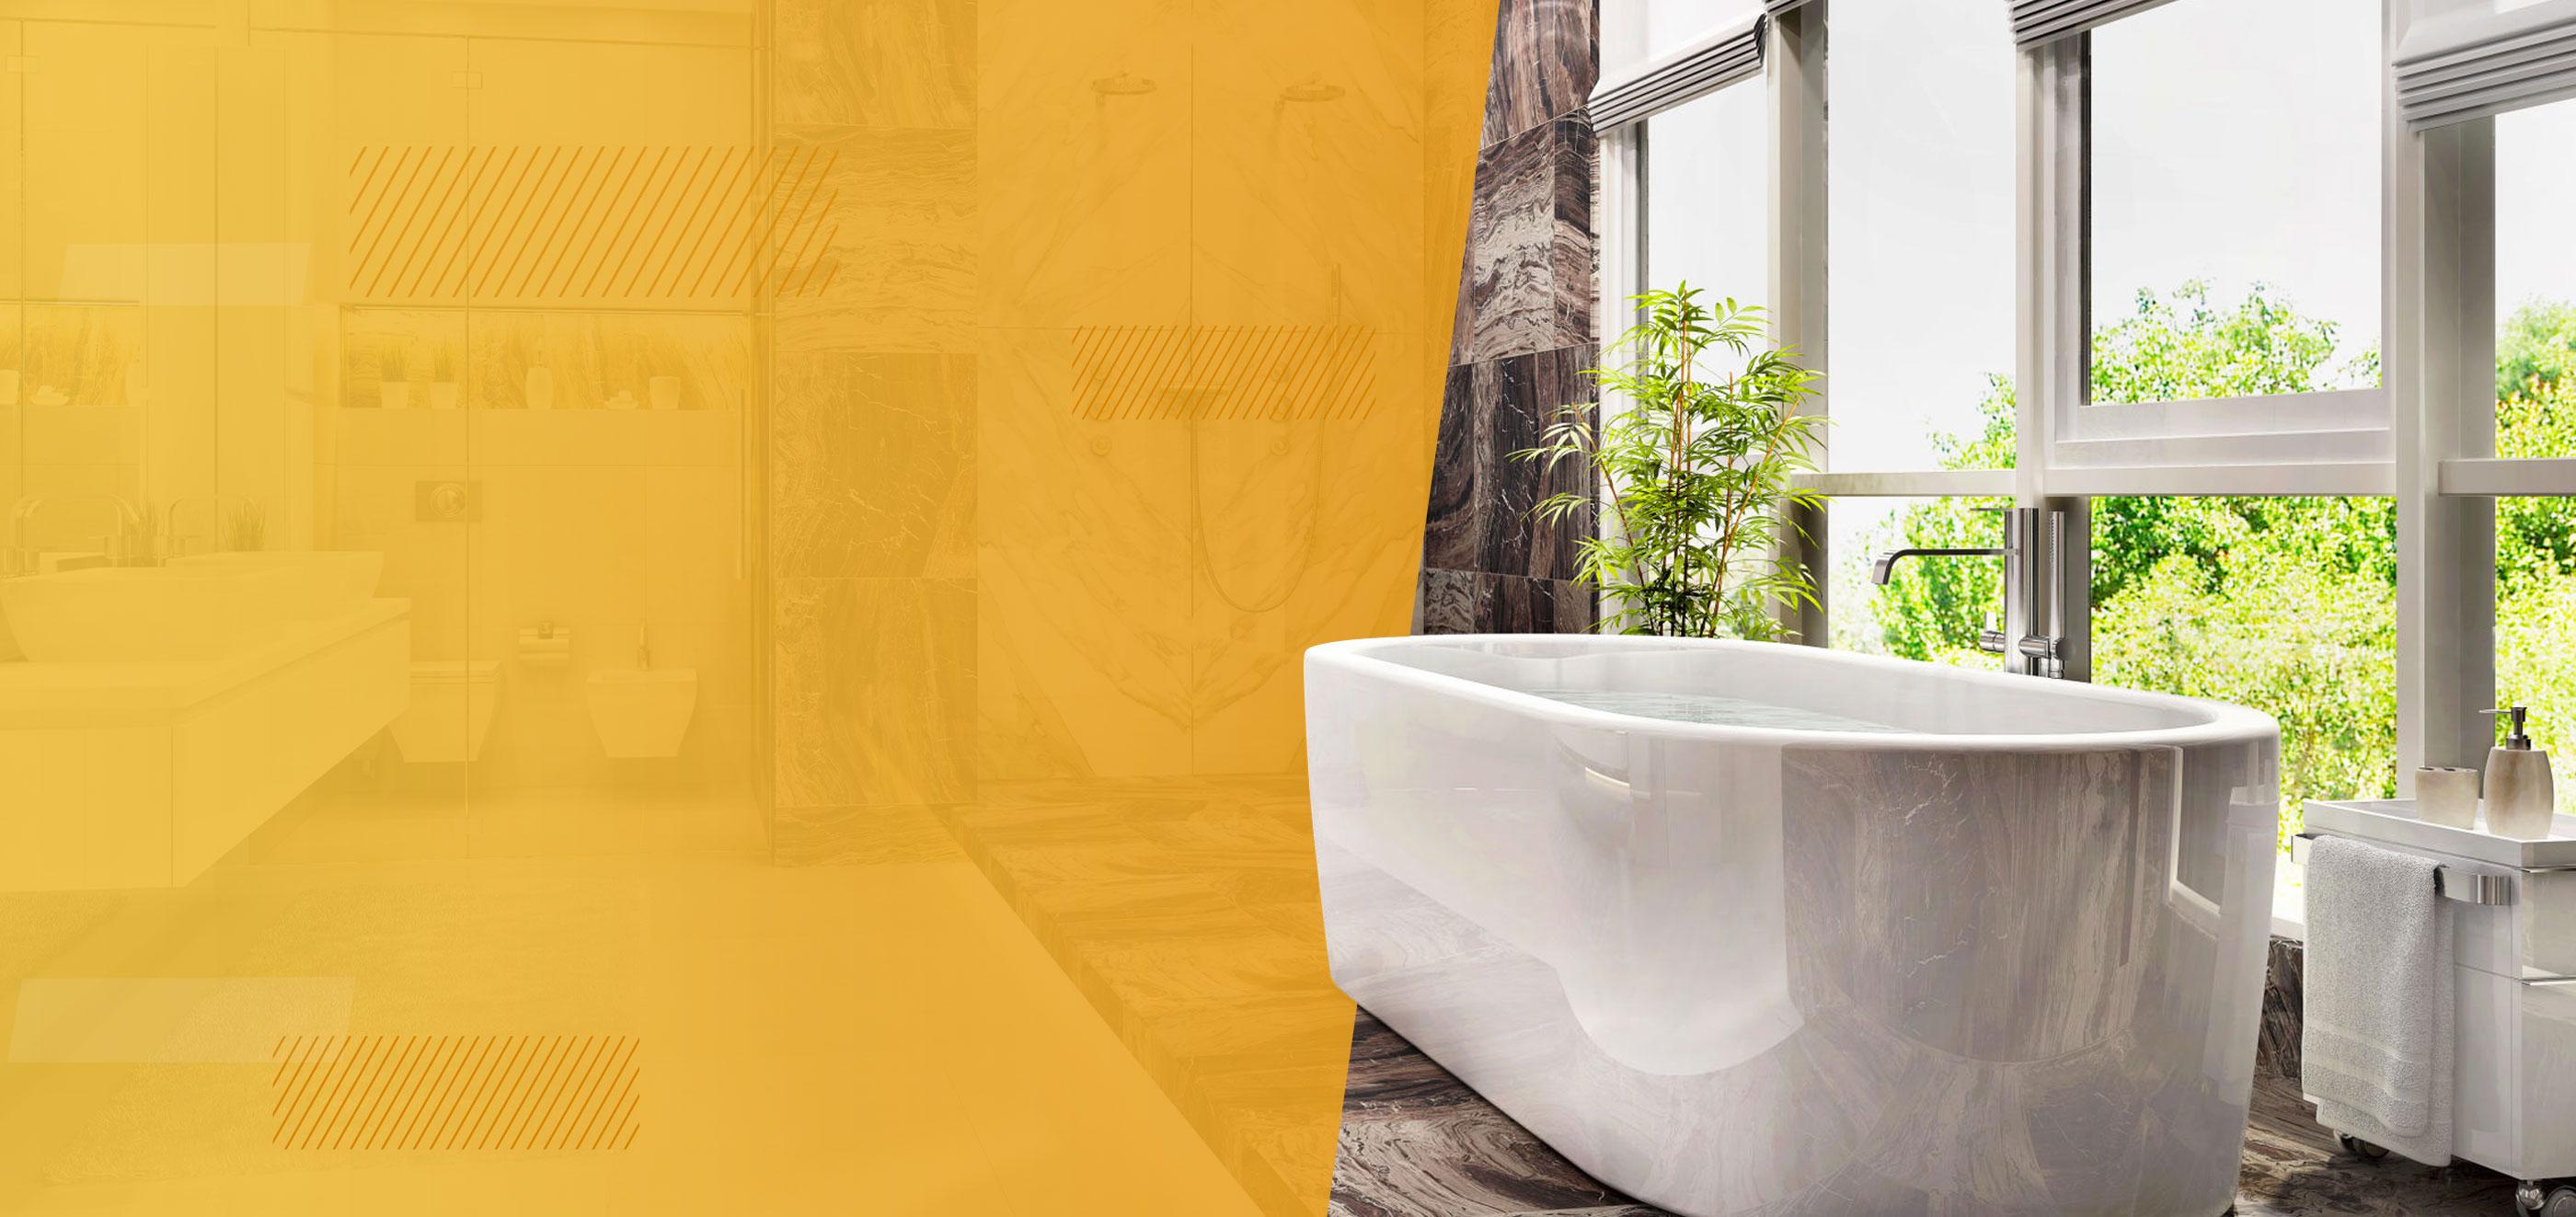 Confort de salle de bain